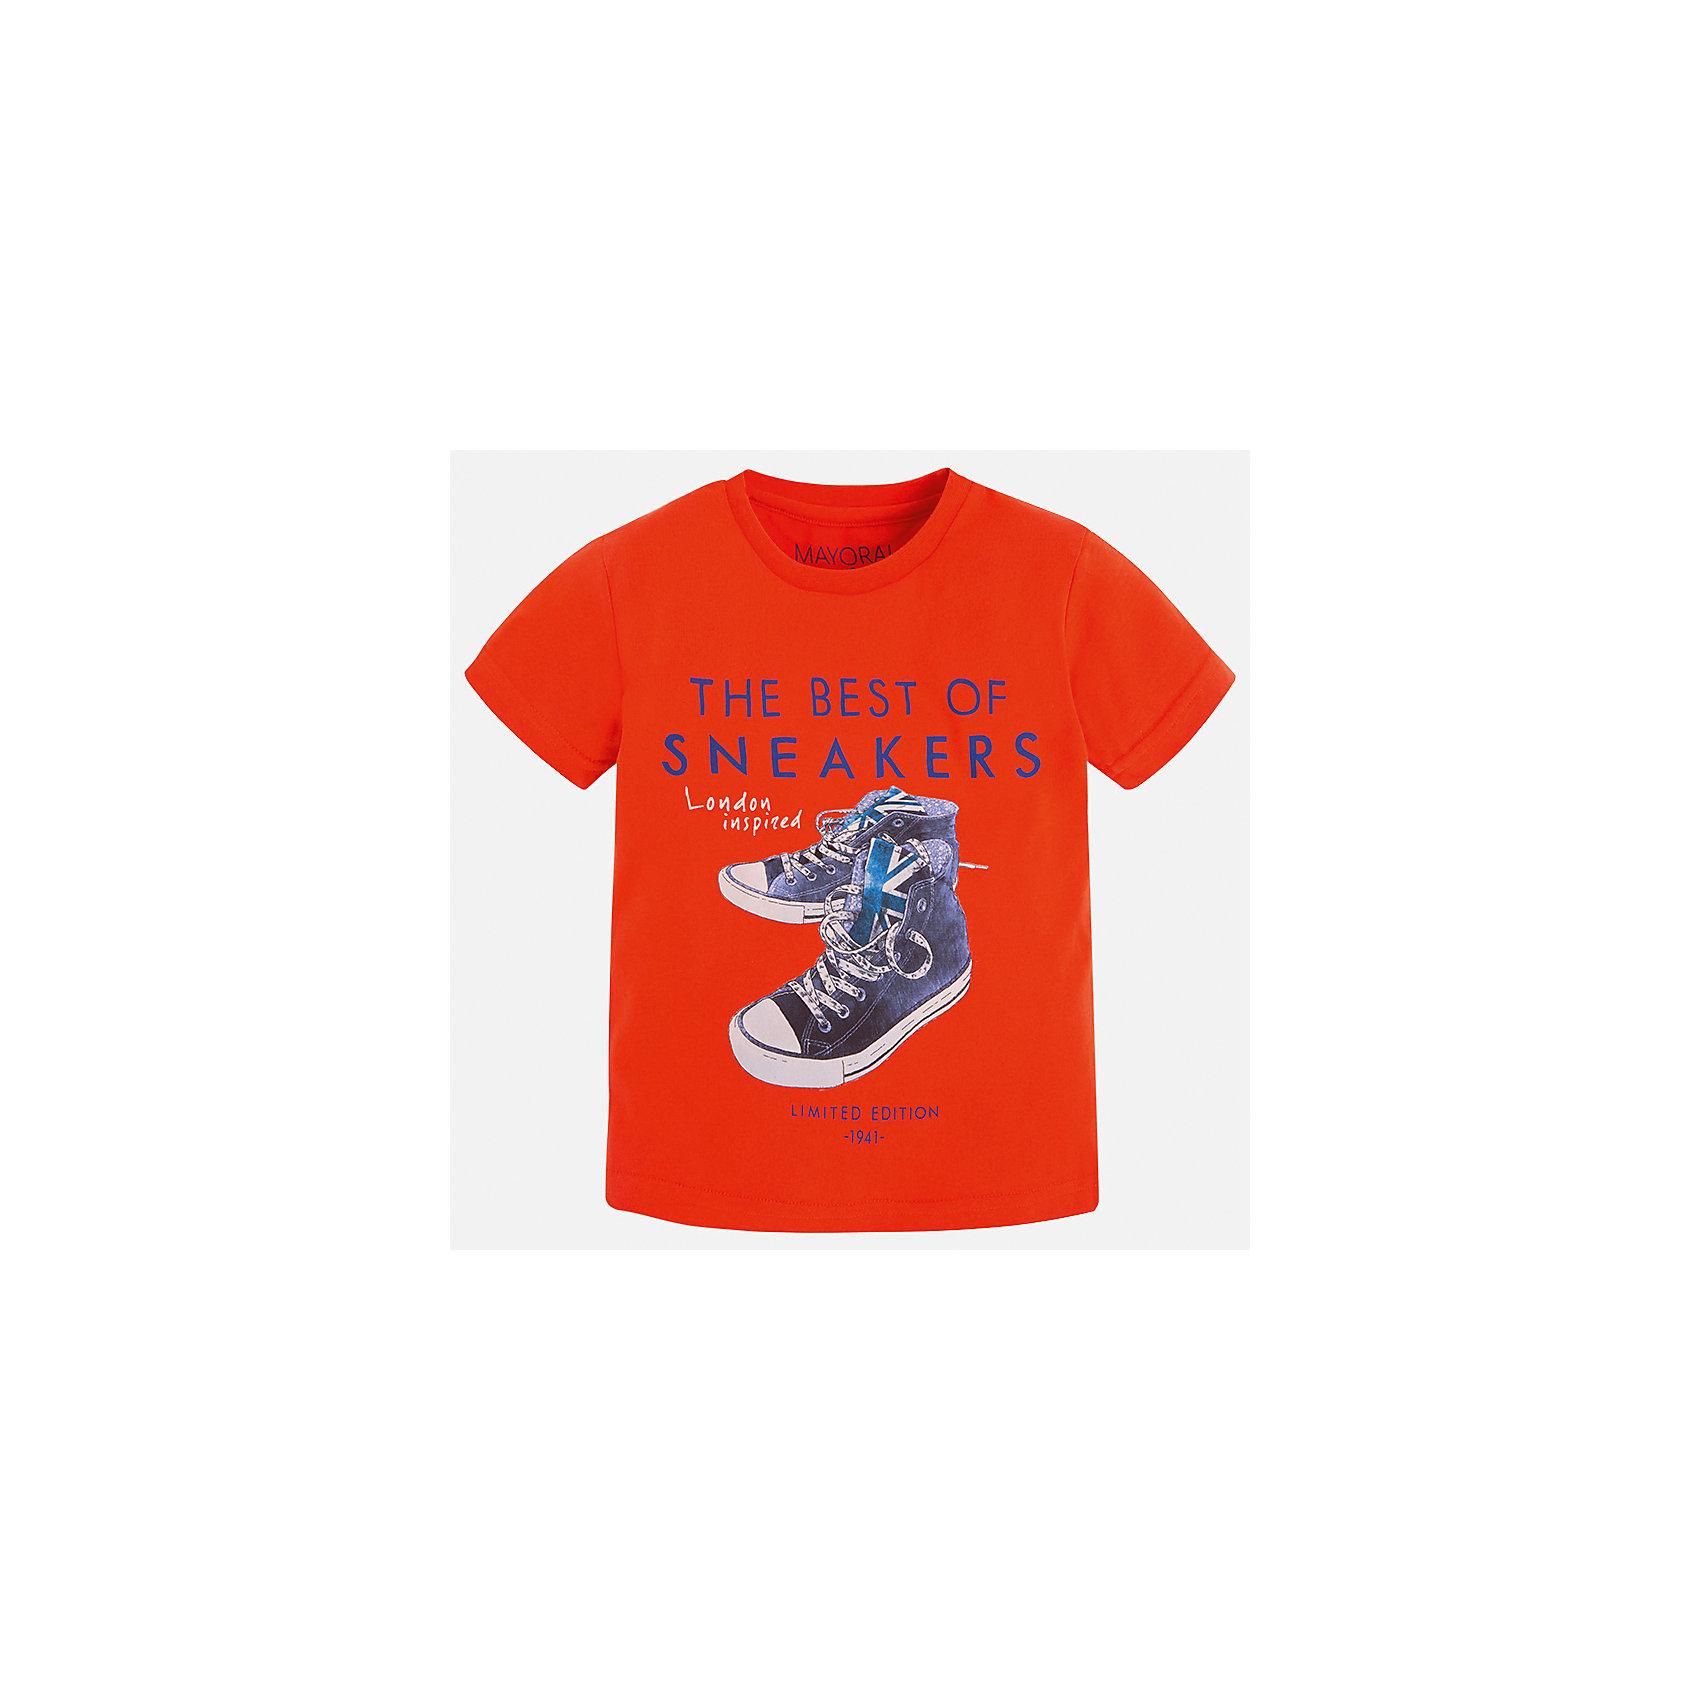 Футболка для мальчика MayoralХарактеристики товара:<br><br>• цвет: красный<br>• состав: 100% хлопок<br>• круглый горловой вырез<br>• принт впереди<br>• короткие рукава<br>• отделка горловины<br>• страна бренда: Испания<br><br>Модная удобная футболка с принтом поможет разнообразить гардероб мальчика. Она отлично сочетается с брюками, шортами, джинсами и т.д. Универсальный крой и цвет позволяет подобрать к вещи низ разных расцветок. Практичное и стильное изделие! В составе материала - только натуральный хлопок, гипоаллергенный, приятный на ощупь, дышащий.<br><br>Одежда, обувь и аксессуары от испанского бренда Mayoral полюбились детям и взрослым по всему миру. Модели этой марки - стильные и удобные. Для их производства используются только безопасные, качественные материалы и фурнитура. Порадуйте ребенка модными и красивыми вещами от Mayoral! <br><br>Футболку для мальчика от испанского бренда Mayoral (Майорал) можно купить в нашем интернет-магазине.<br><br>Ширина мм: 199<br>Глубина мм: 10<br>Высота мм: 161<br>Вес г: 151<br>Цвет: красный<br>Возраст от месяцев: 18<br>Возраст до месяцев: 24<br>Пол: Мужской<br>Возраст: Детский<br>Размер: 92,122,116,98,128,134,110,104<br>SKU: 5279827